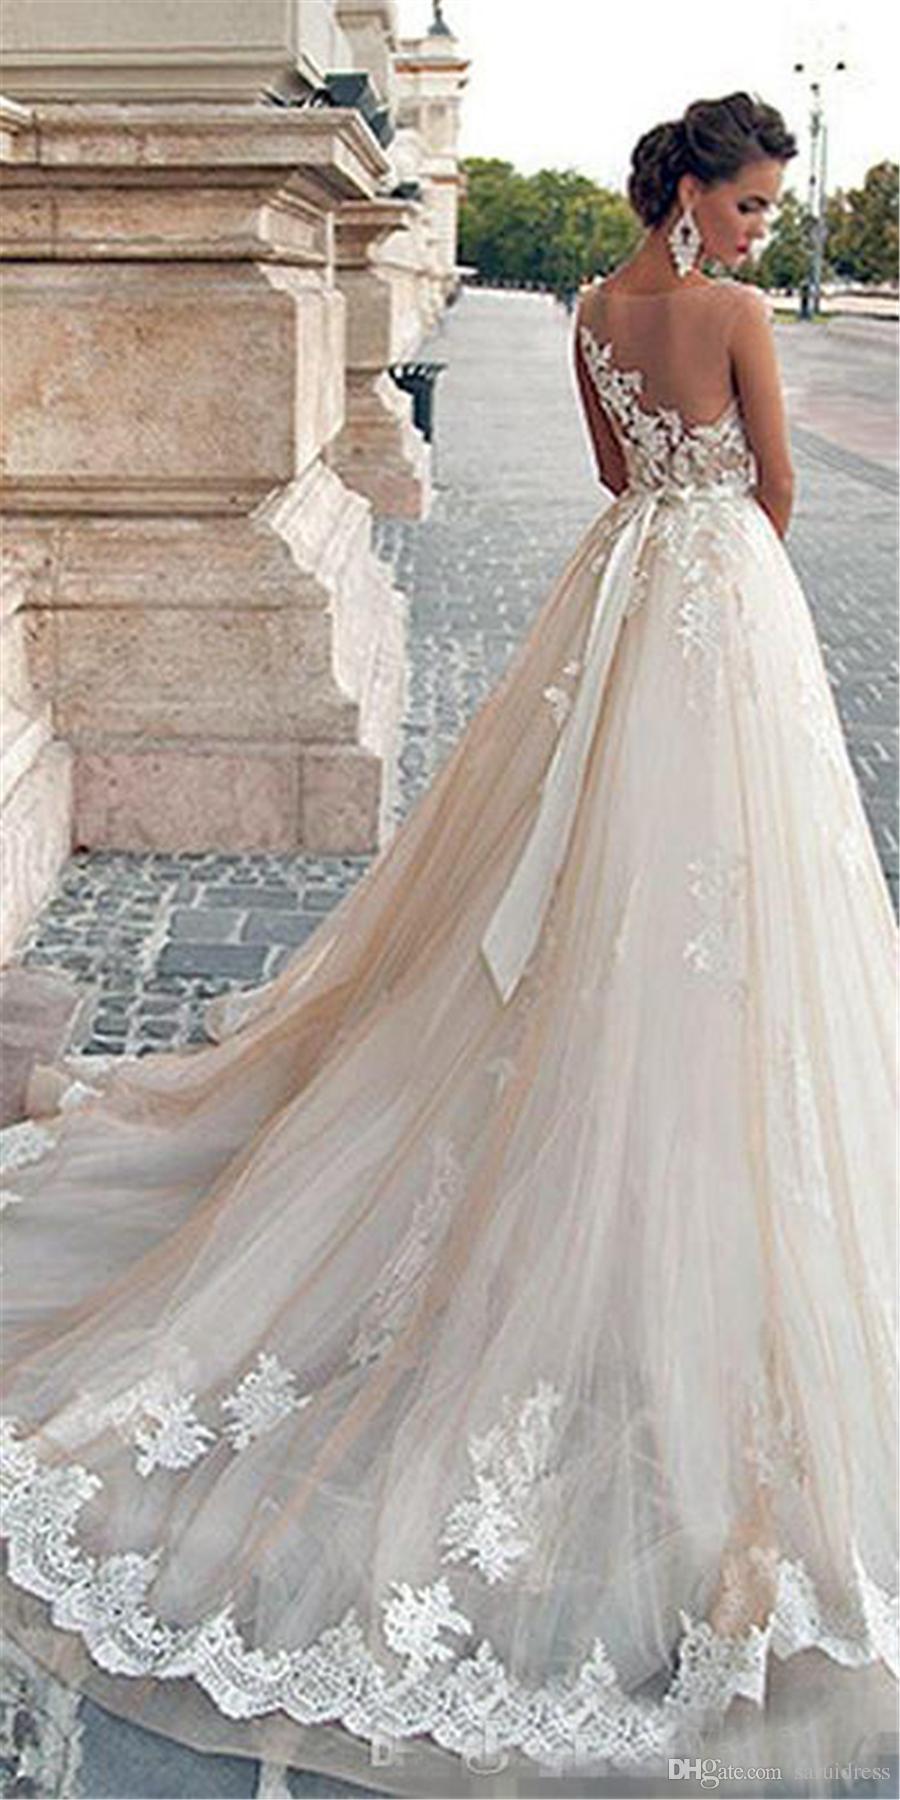 Illusion Décolleté Dentelle Perles Sexy Back Modest Plus Size Robes de mariée Vintage Mila Nova Champagne Princesse Robes de Mariée